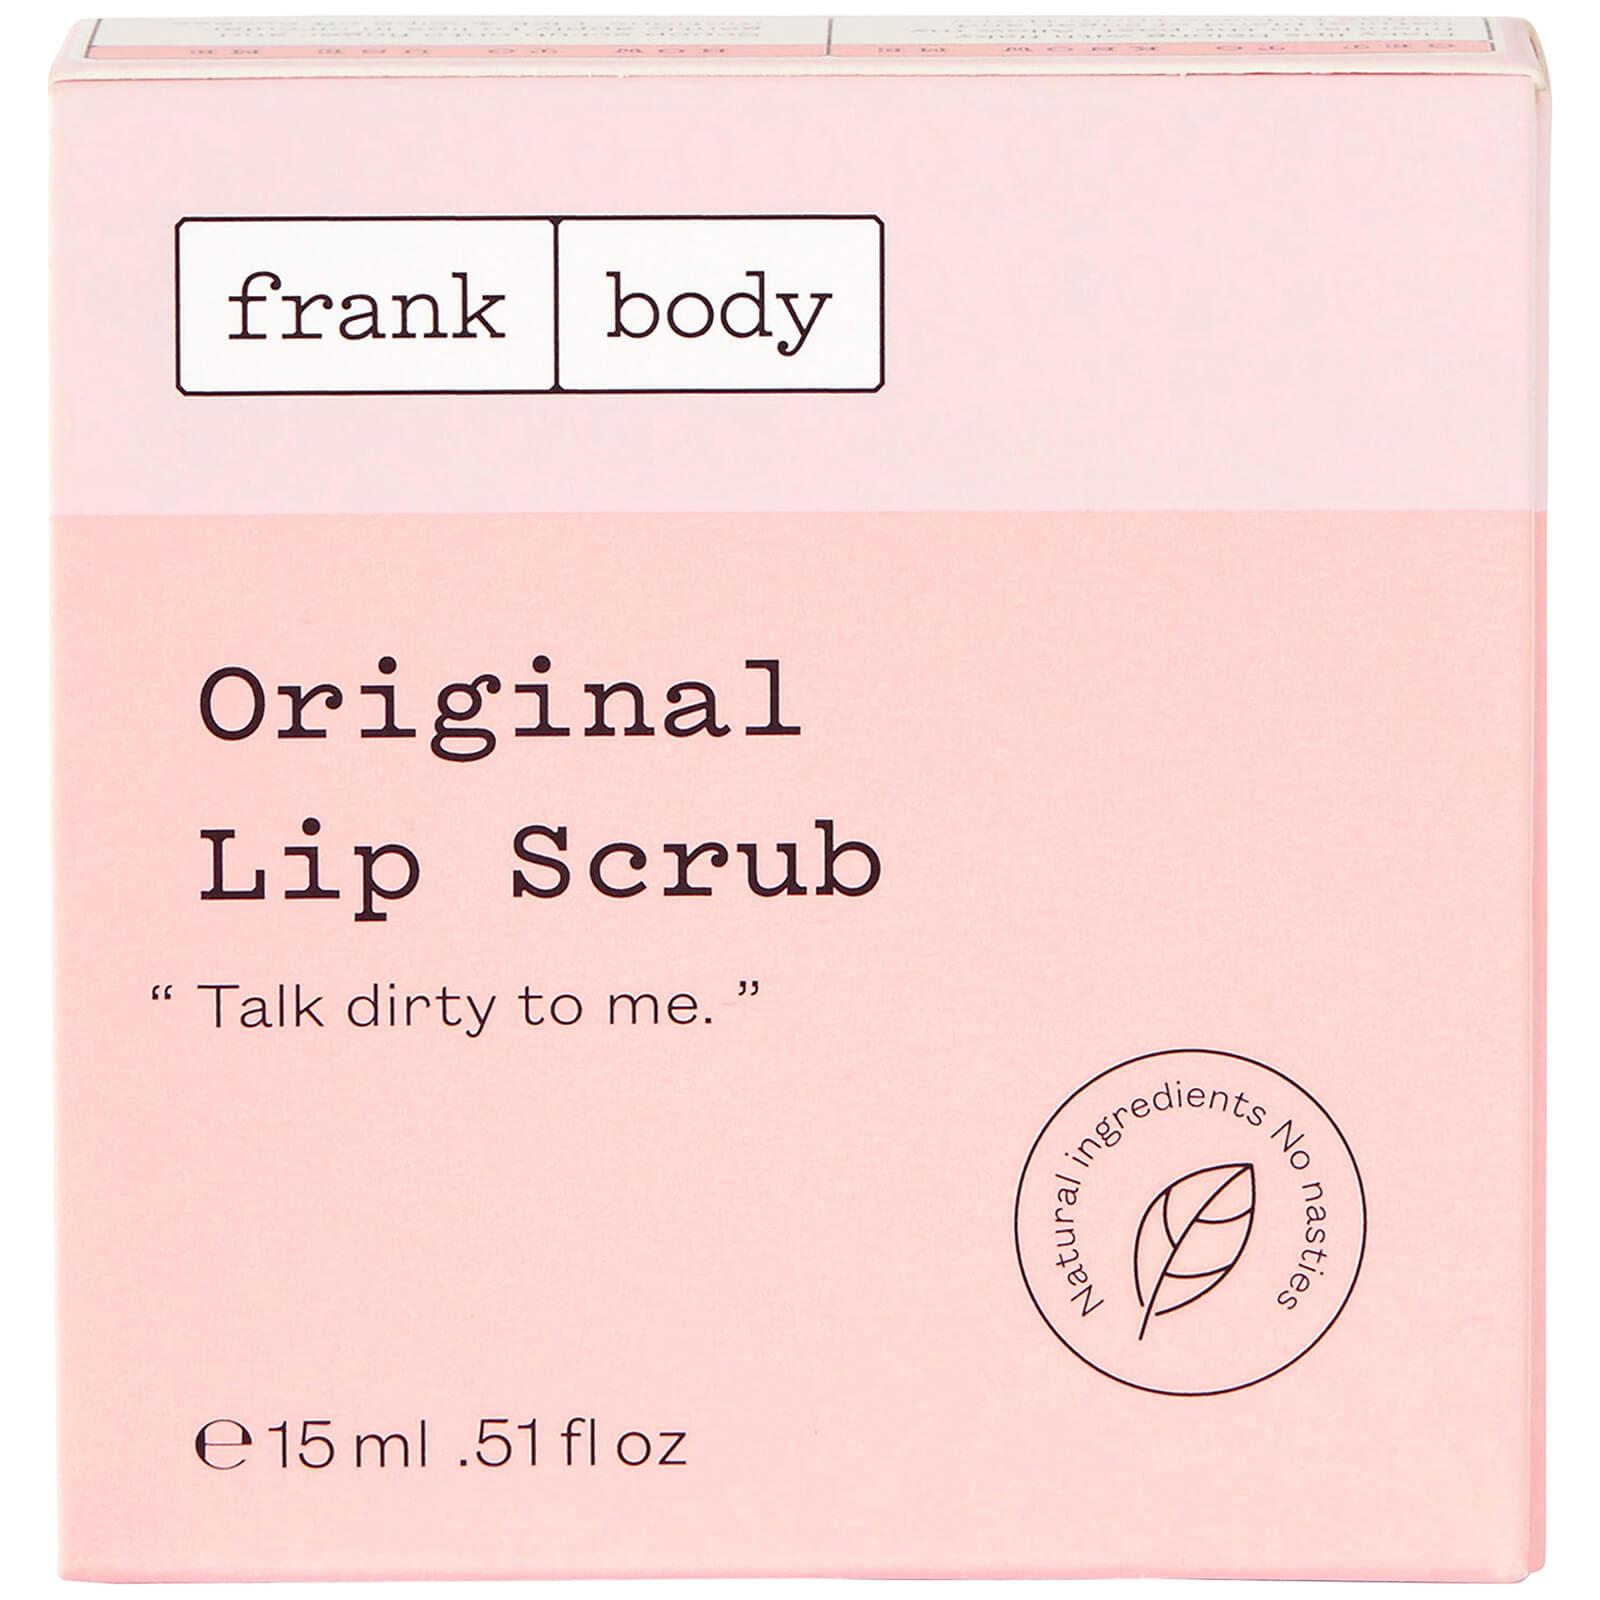 Frank Body Lip Scrub 15ml